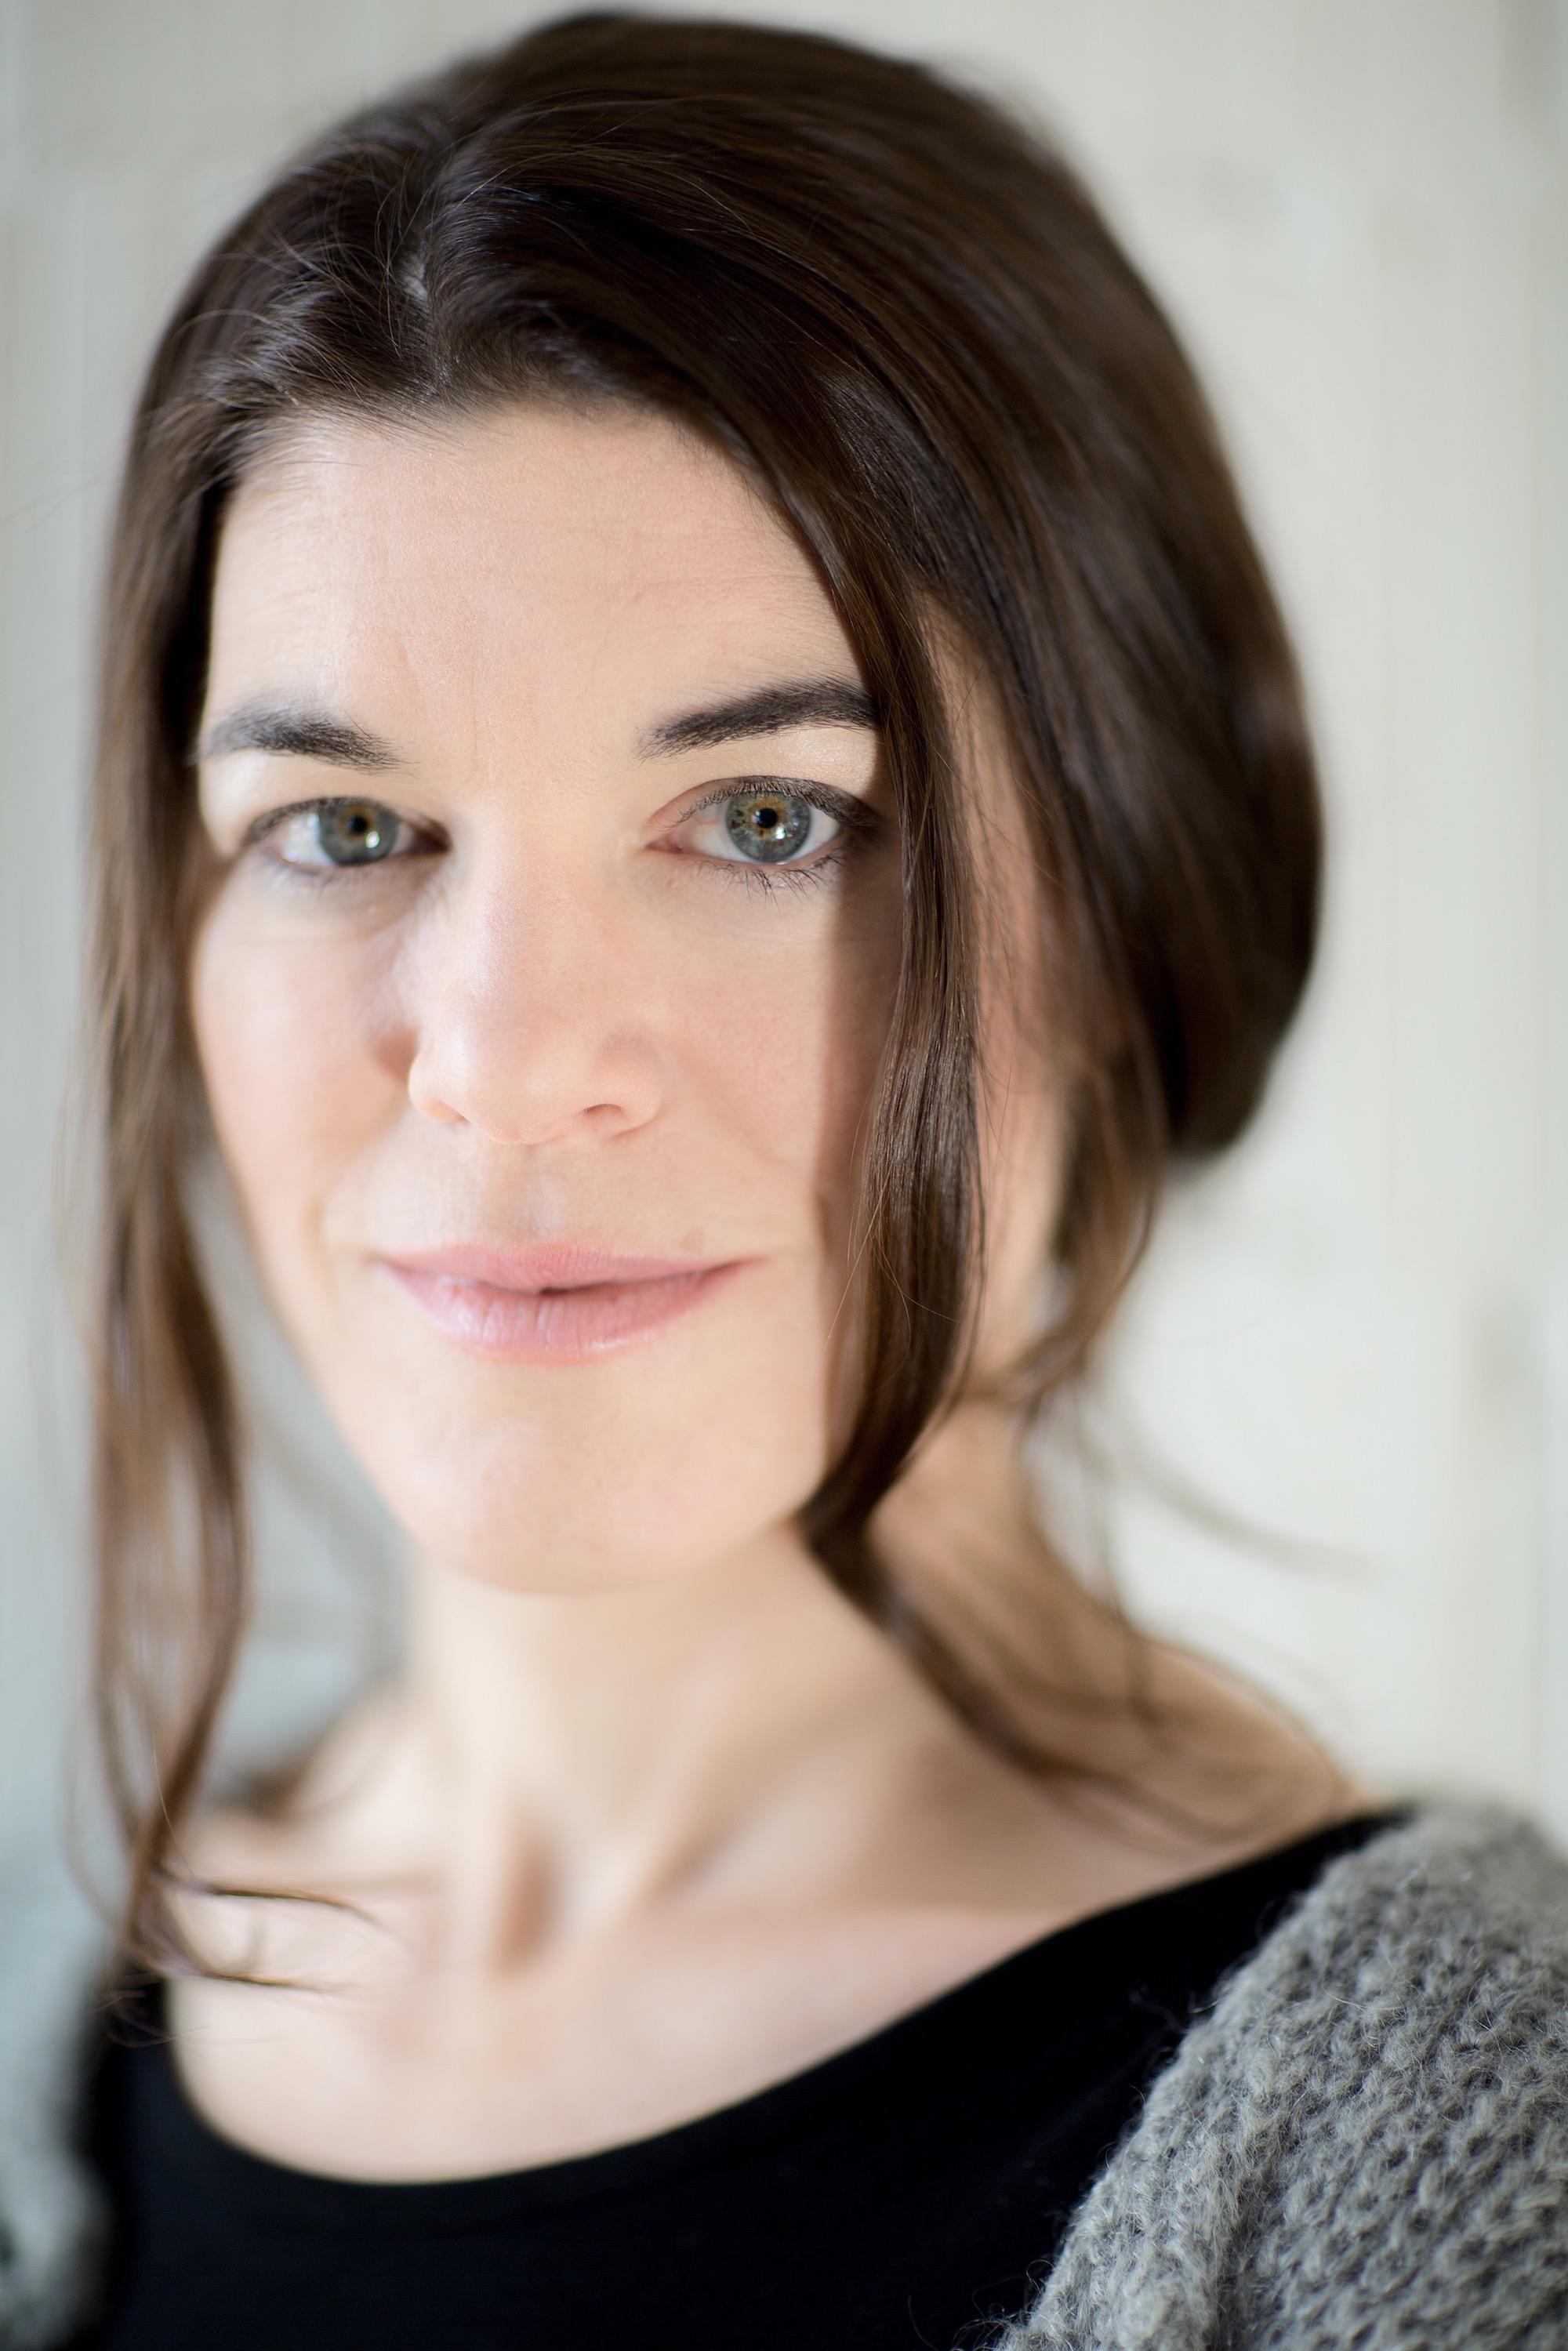 Susanne Odermatt | fotografiert von Sava Hlavacek, Zürich | © 2016